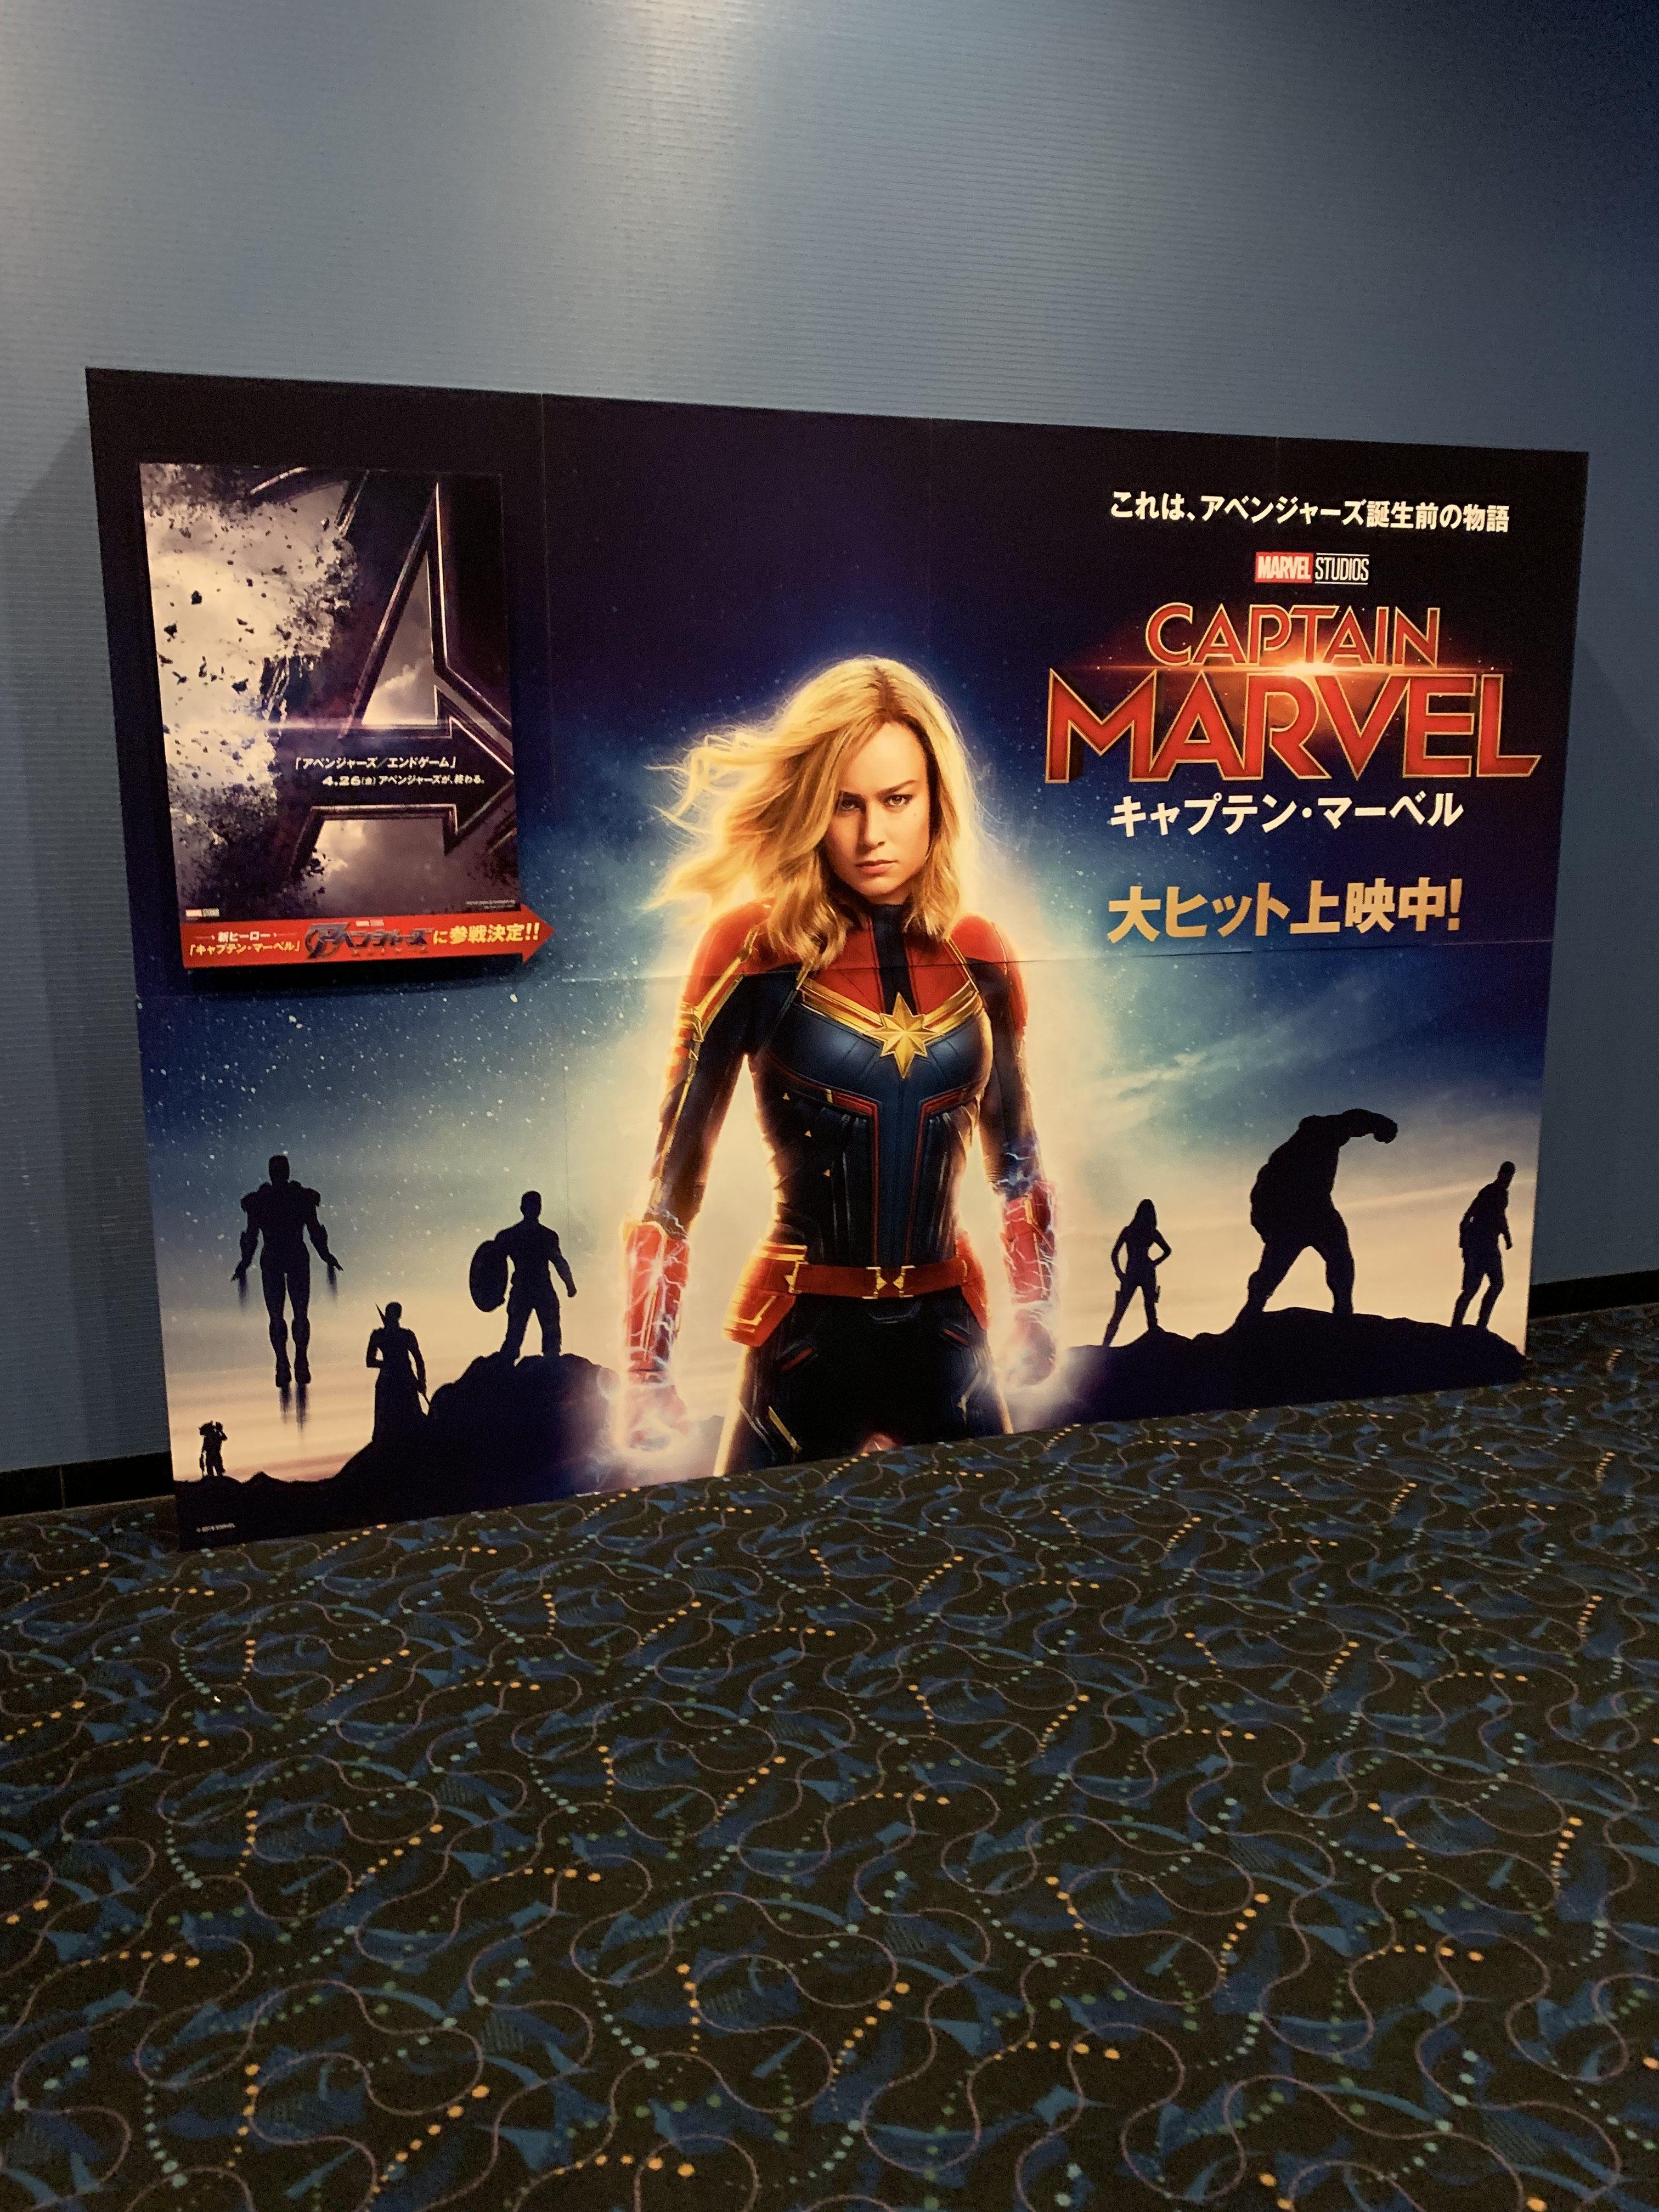 キャプテン・マーベルの登場人物で女優のブリー・ラーソンは最強!